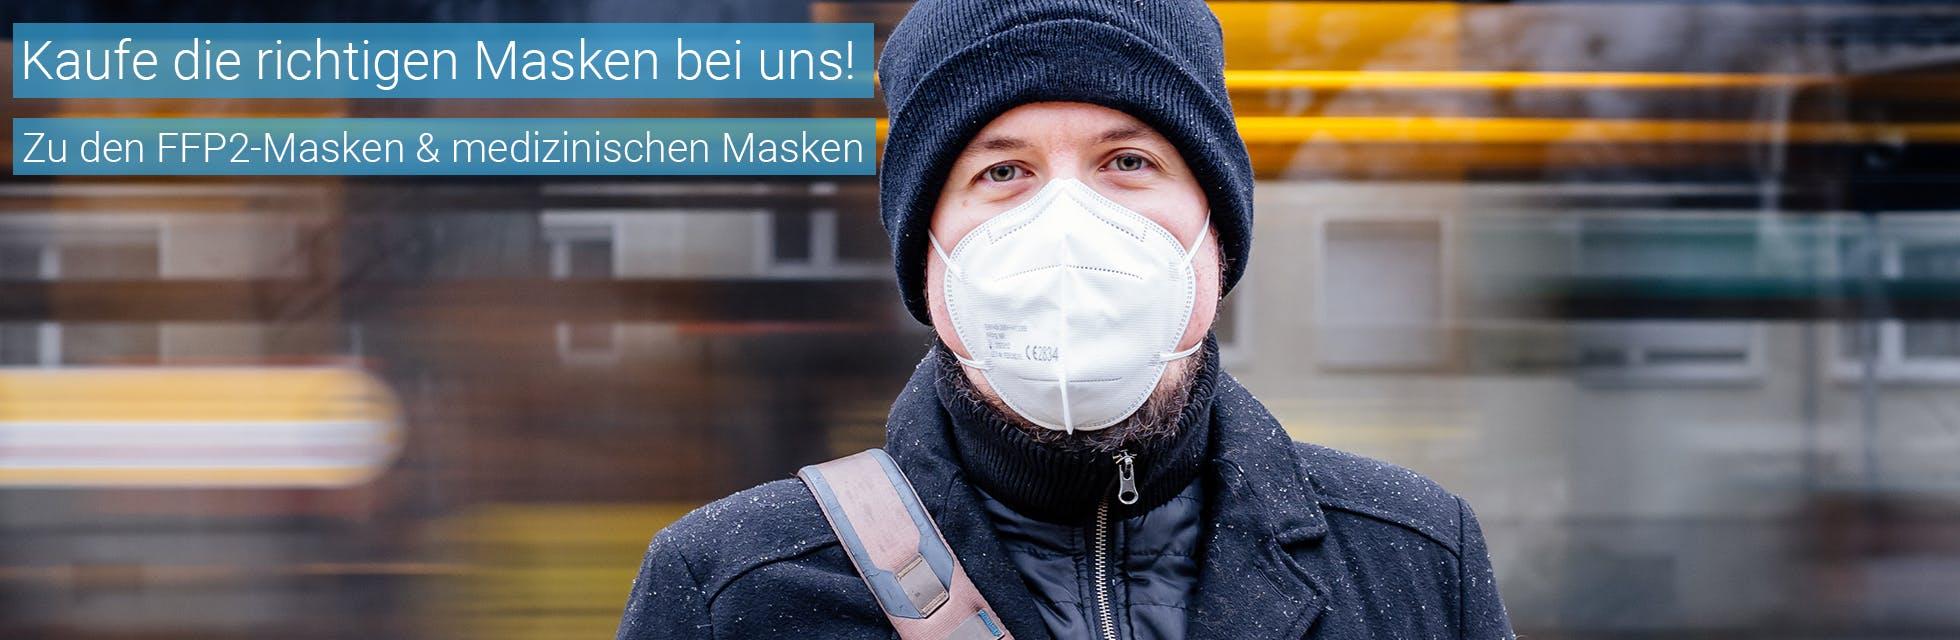 Maskenpflicht 2021